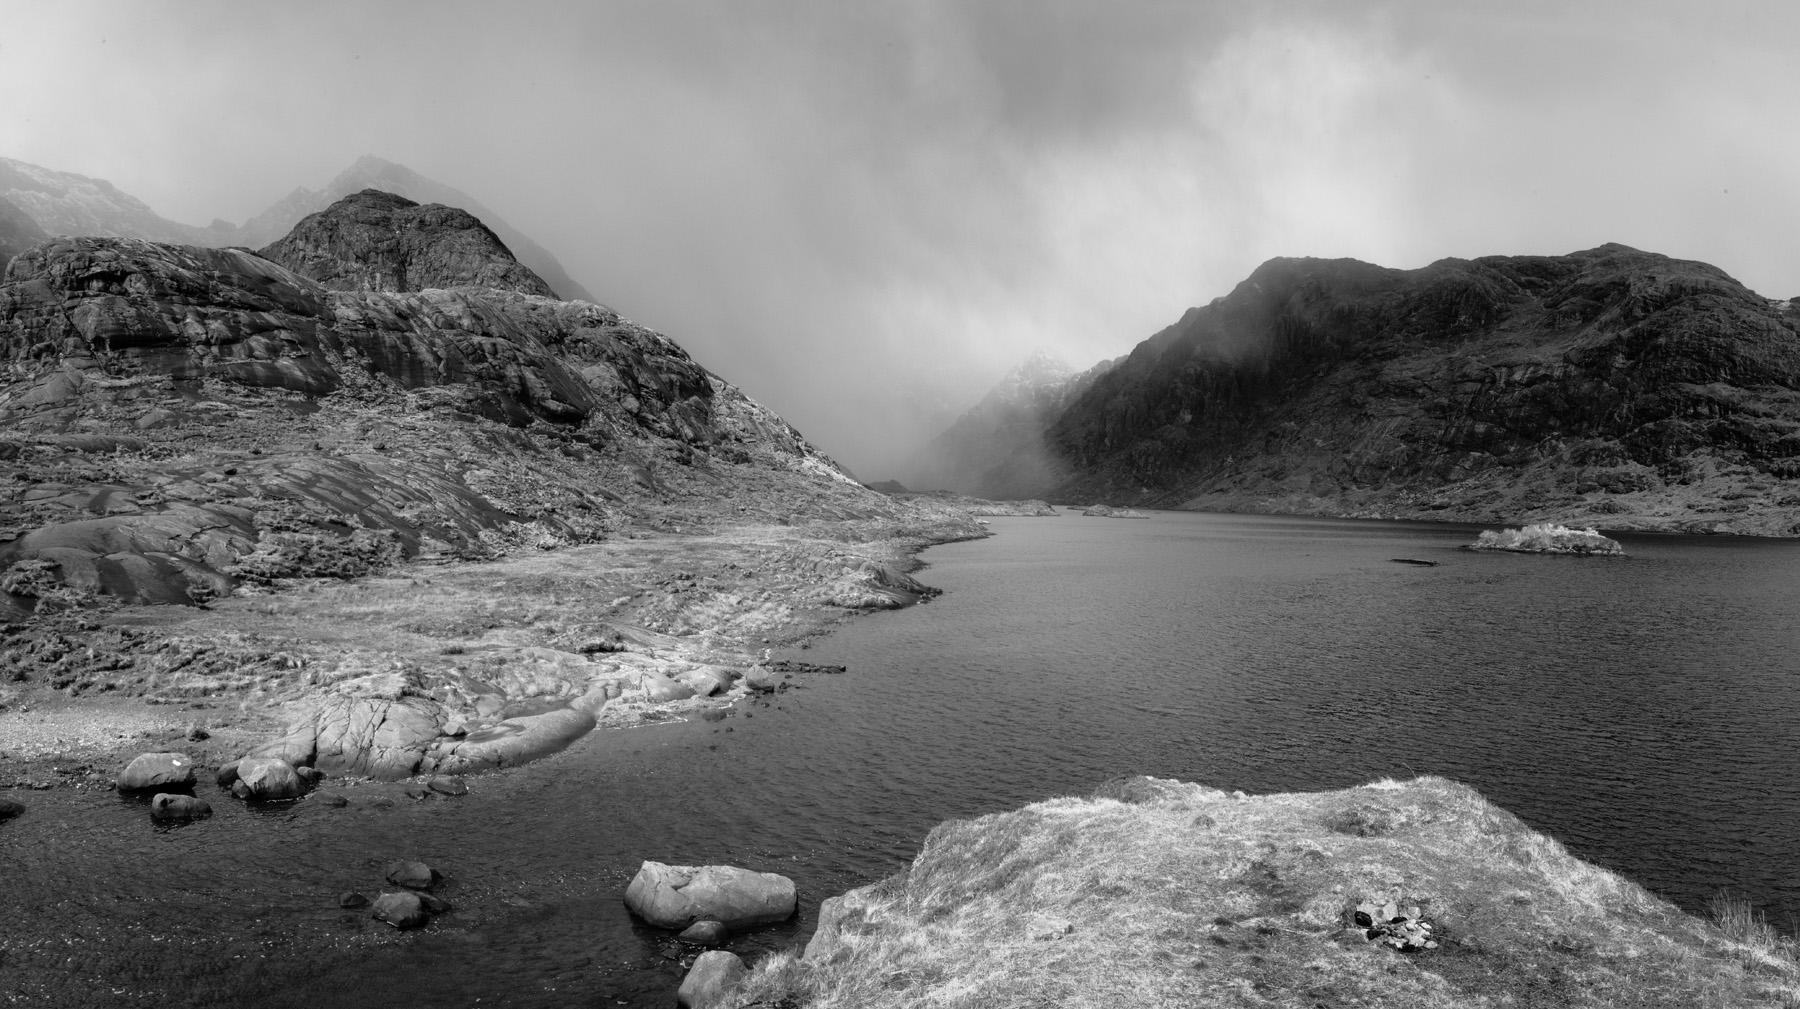 Loch Coruisg mono